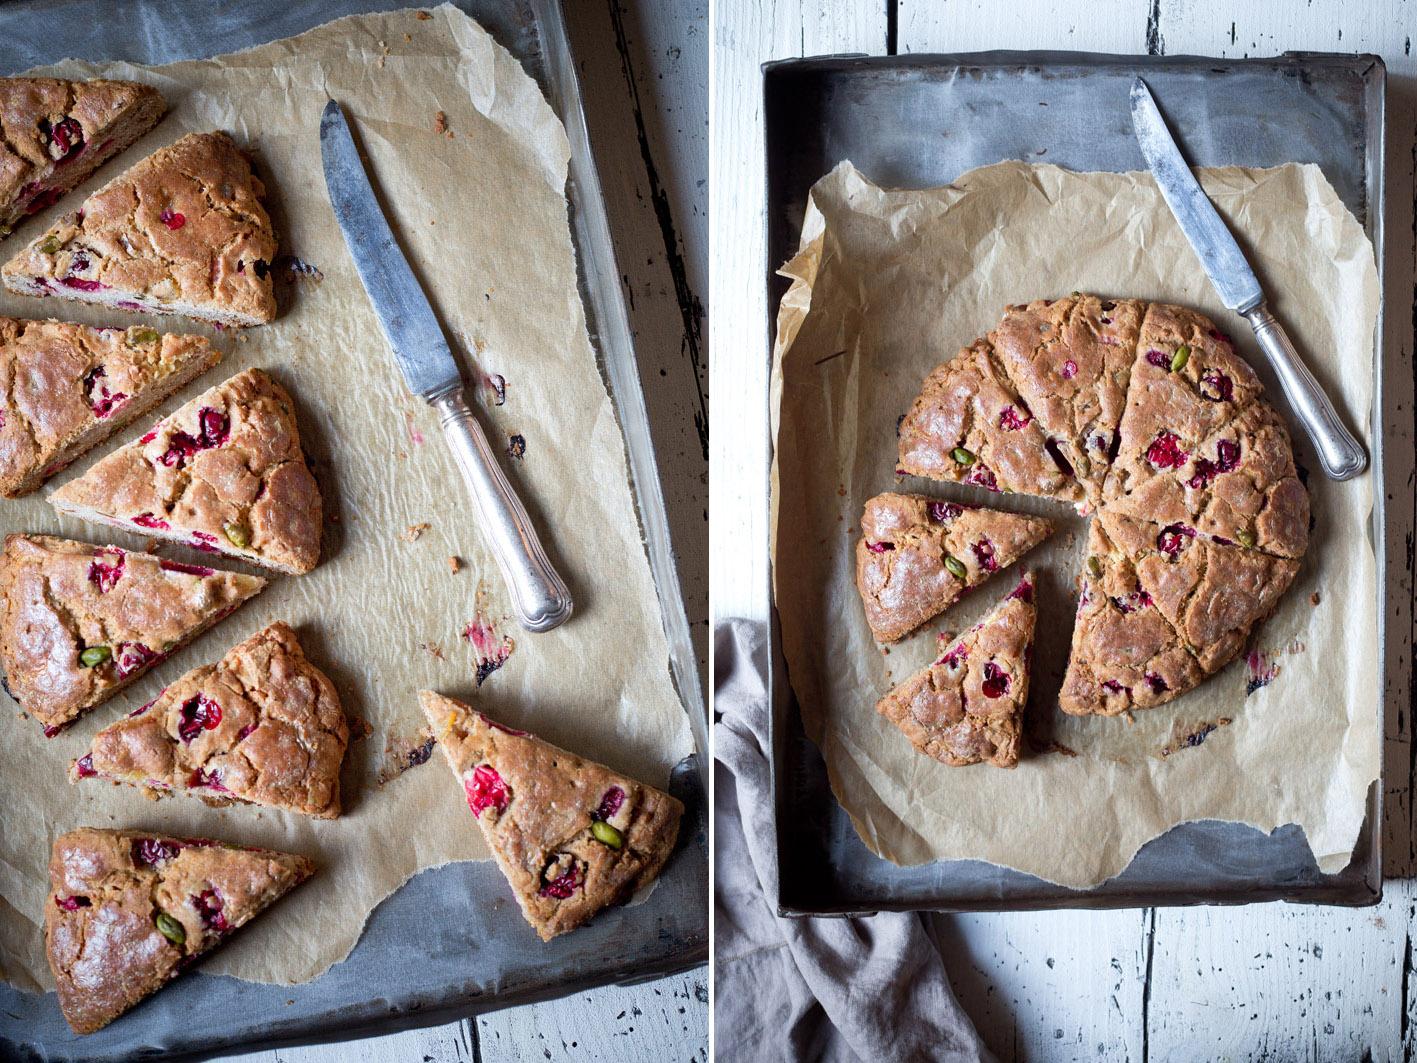 glutenfreie scones mit cranberries